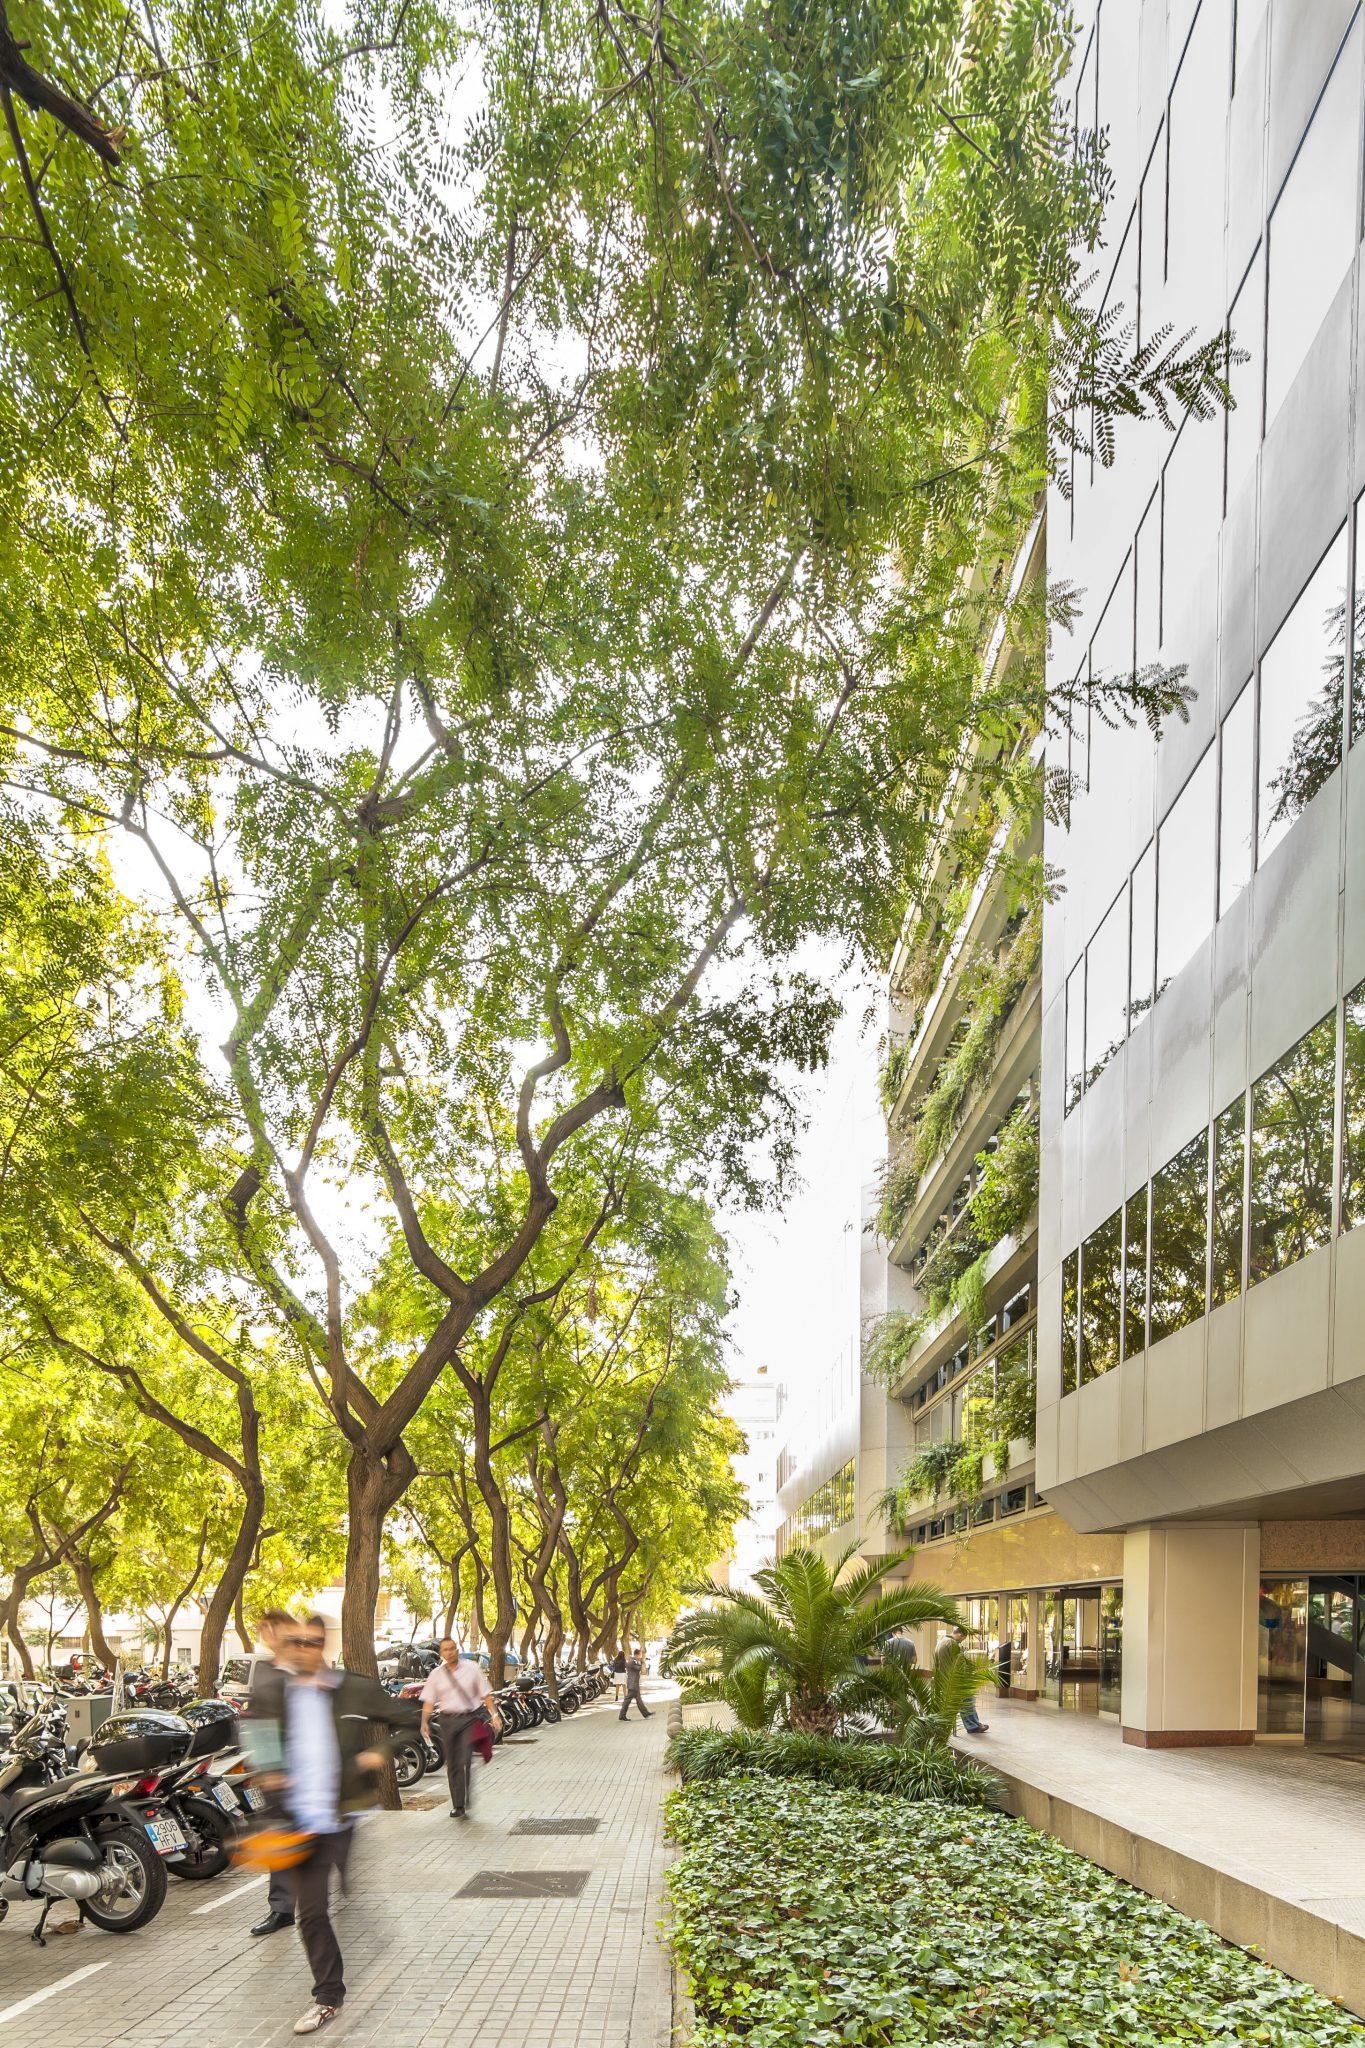 Canopy Street. By (copyright) Andrés Flajszer